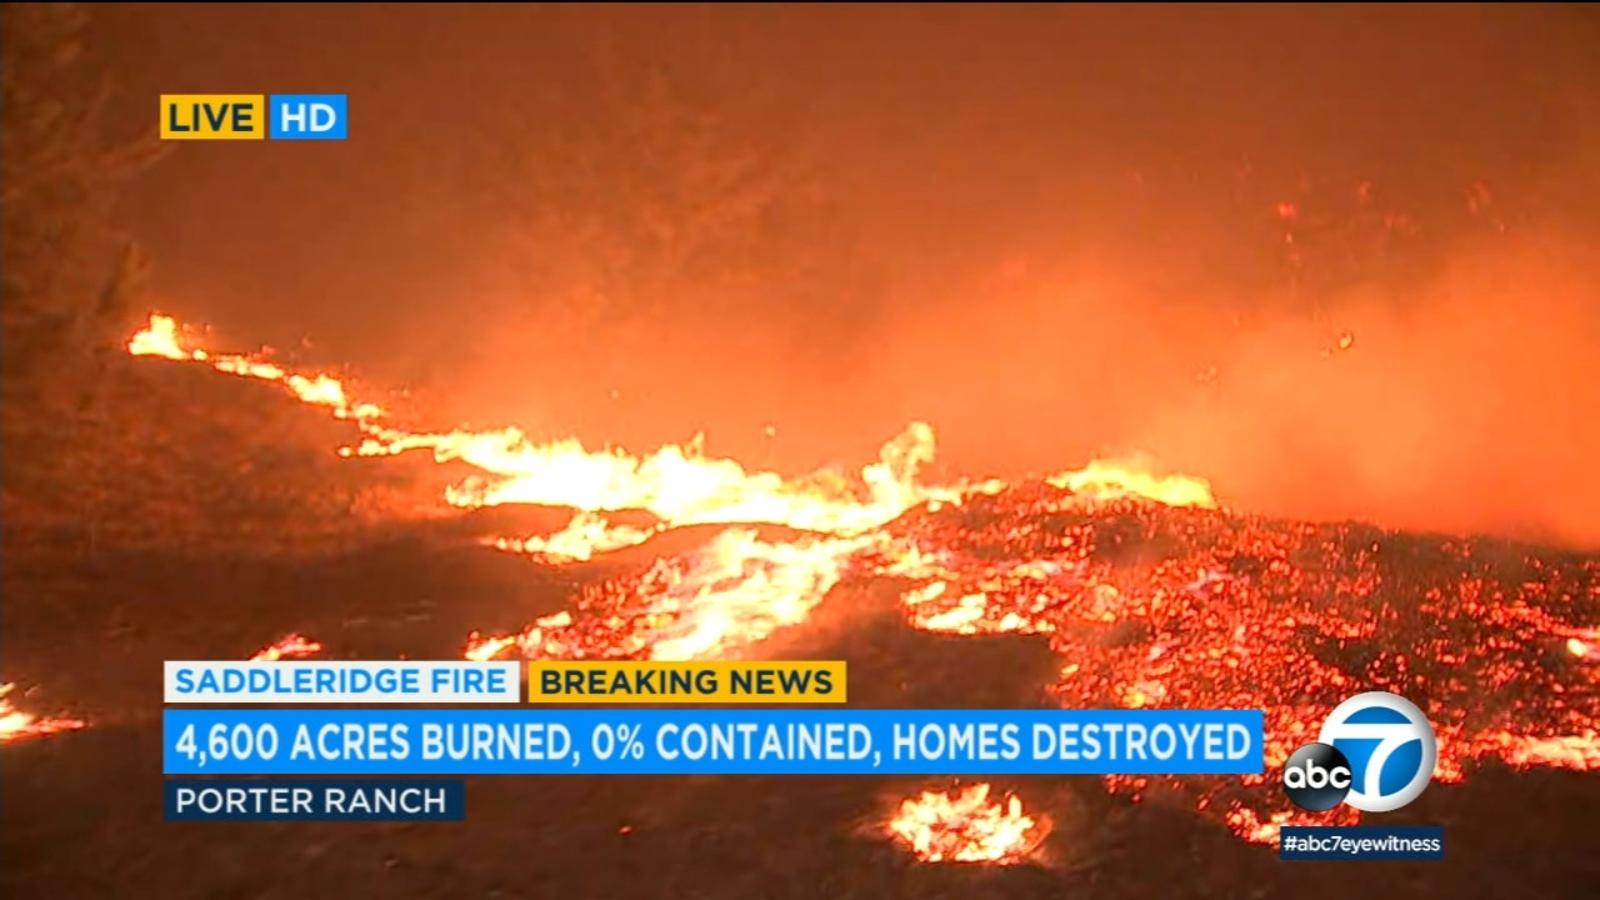 Saddleridge Fire: Hillsides near Porter Ranch parks go up in flames